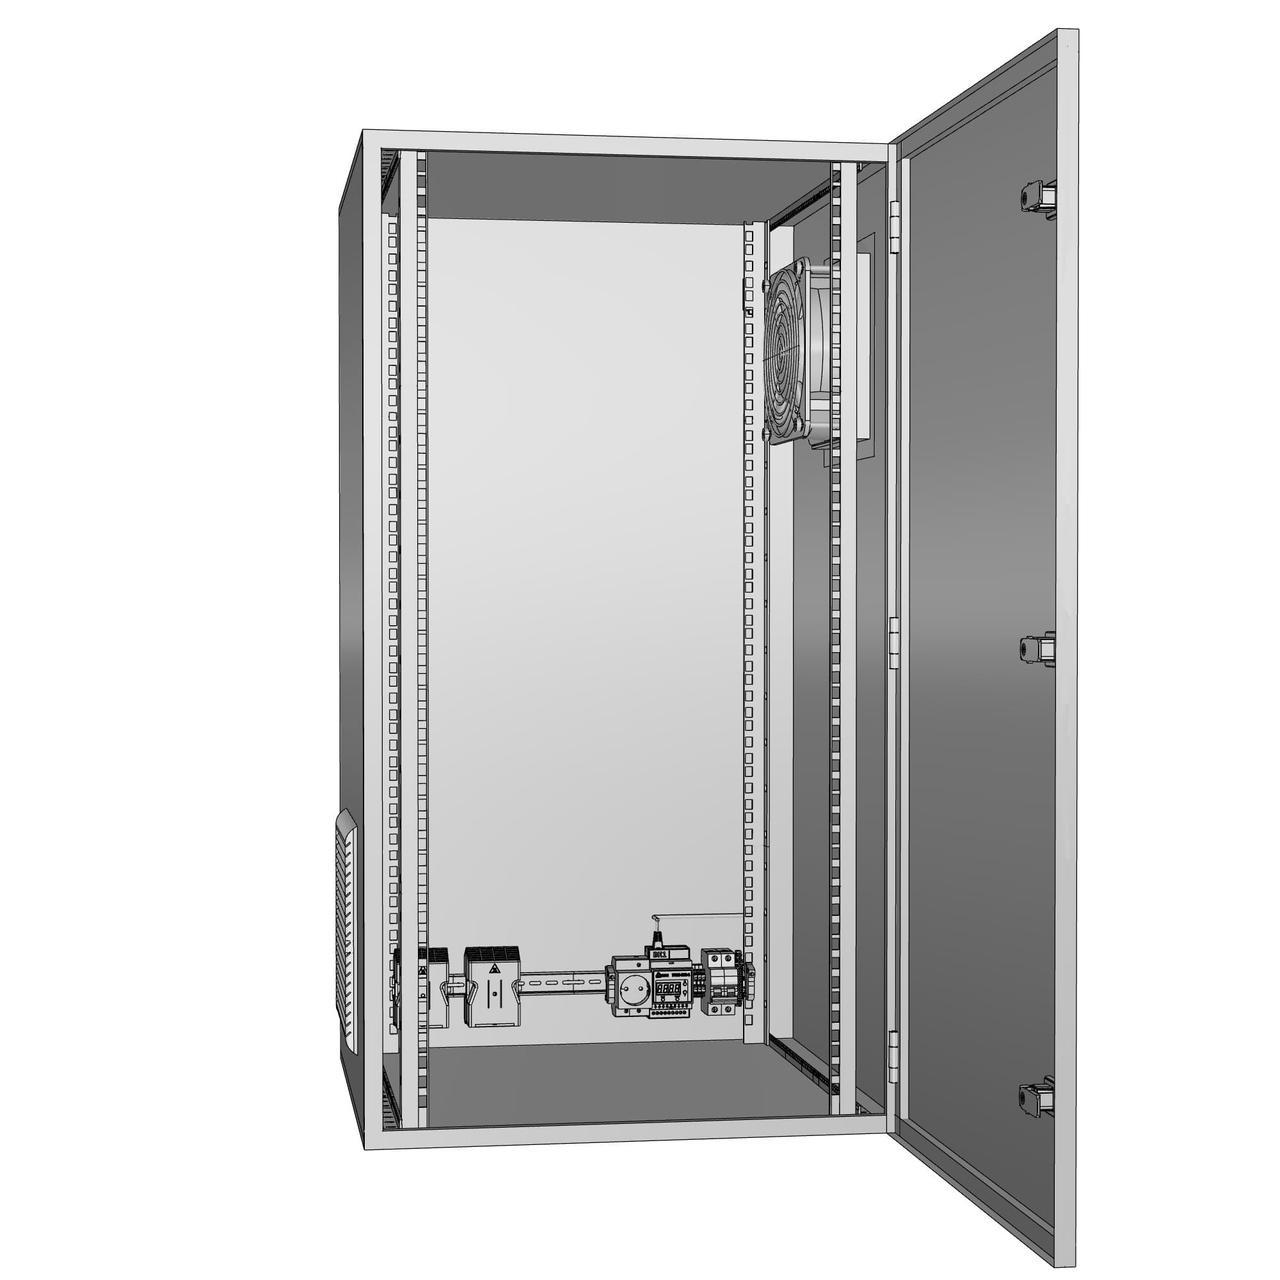 Щит климатический утеплённый с обогревом и вентиляцией ЩКу- ОВ- 5 - 800×600×300 (В×Ш×Г) IP65